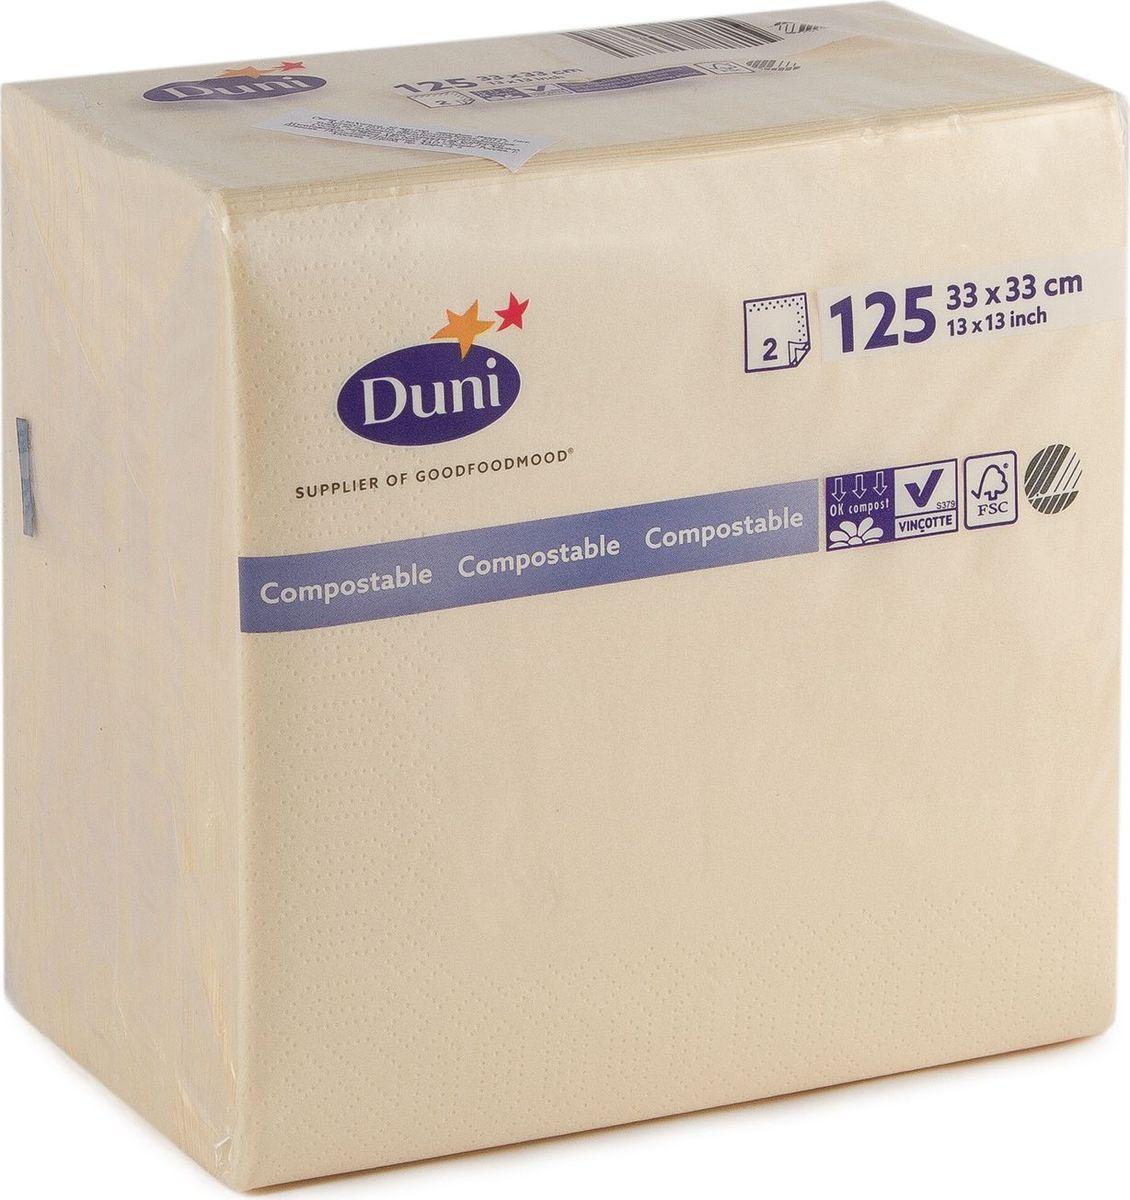 Салфетки бумажные Duni, 2-слойные, цвет: бежевый, 33 см, 125 шт180377Многослойные бумажные салфетки изготовлены из экологически чистого, высококачественного сырья - 100% целлюлозы. Салфетки выполнены в оригинальном и современном стиле, прекрасно сочетаются с любым интерьером и всегда будут прекрасным и незаменимым украшением стола.